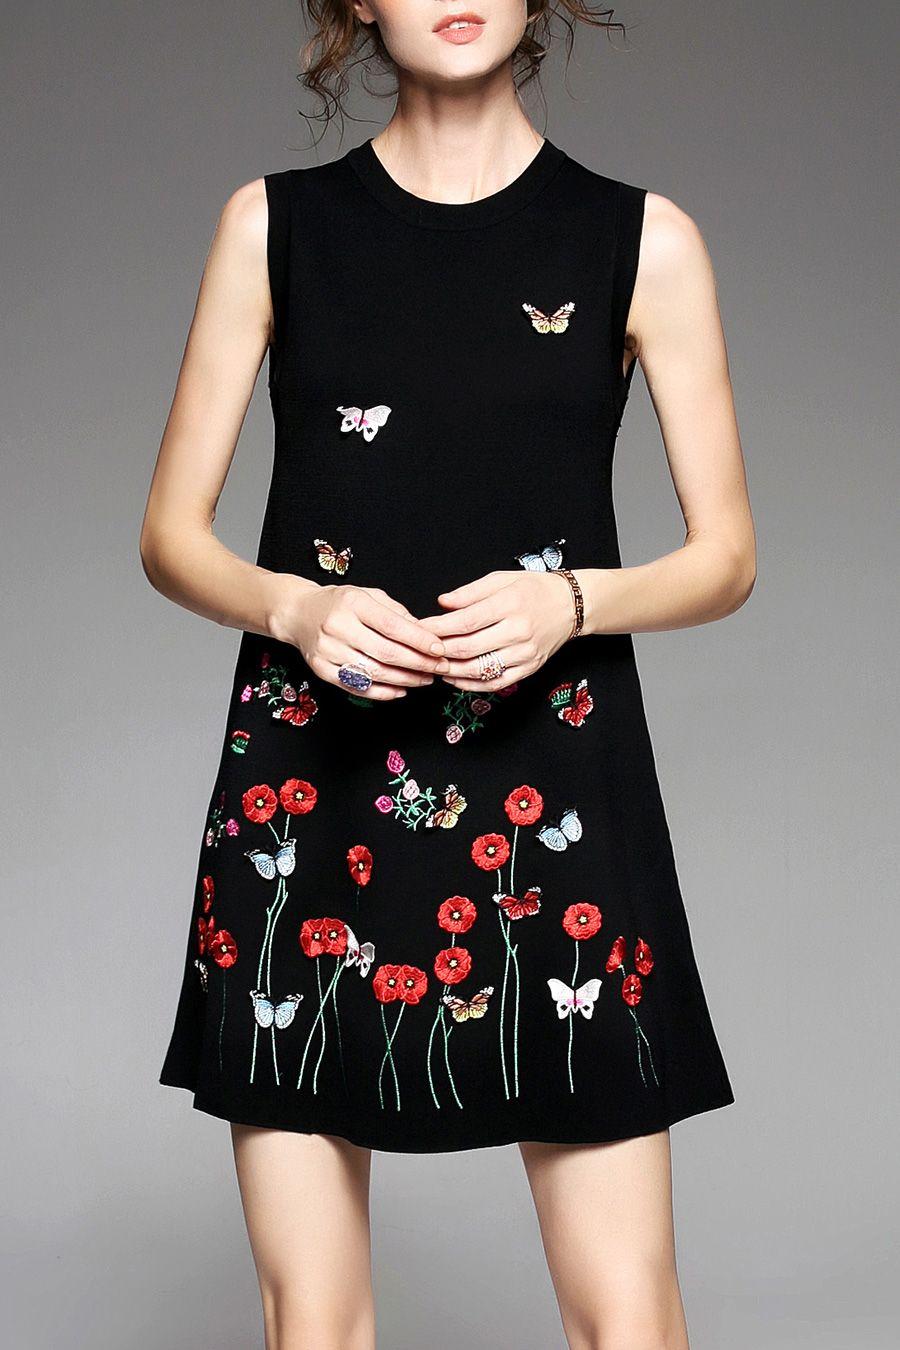 Floral Embroidered Sweater Dress  f0d7af2a8